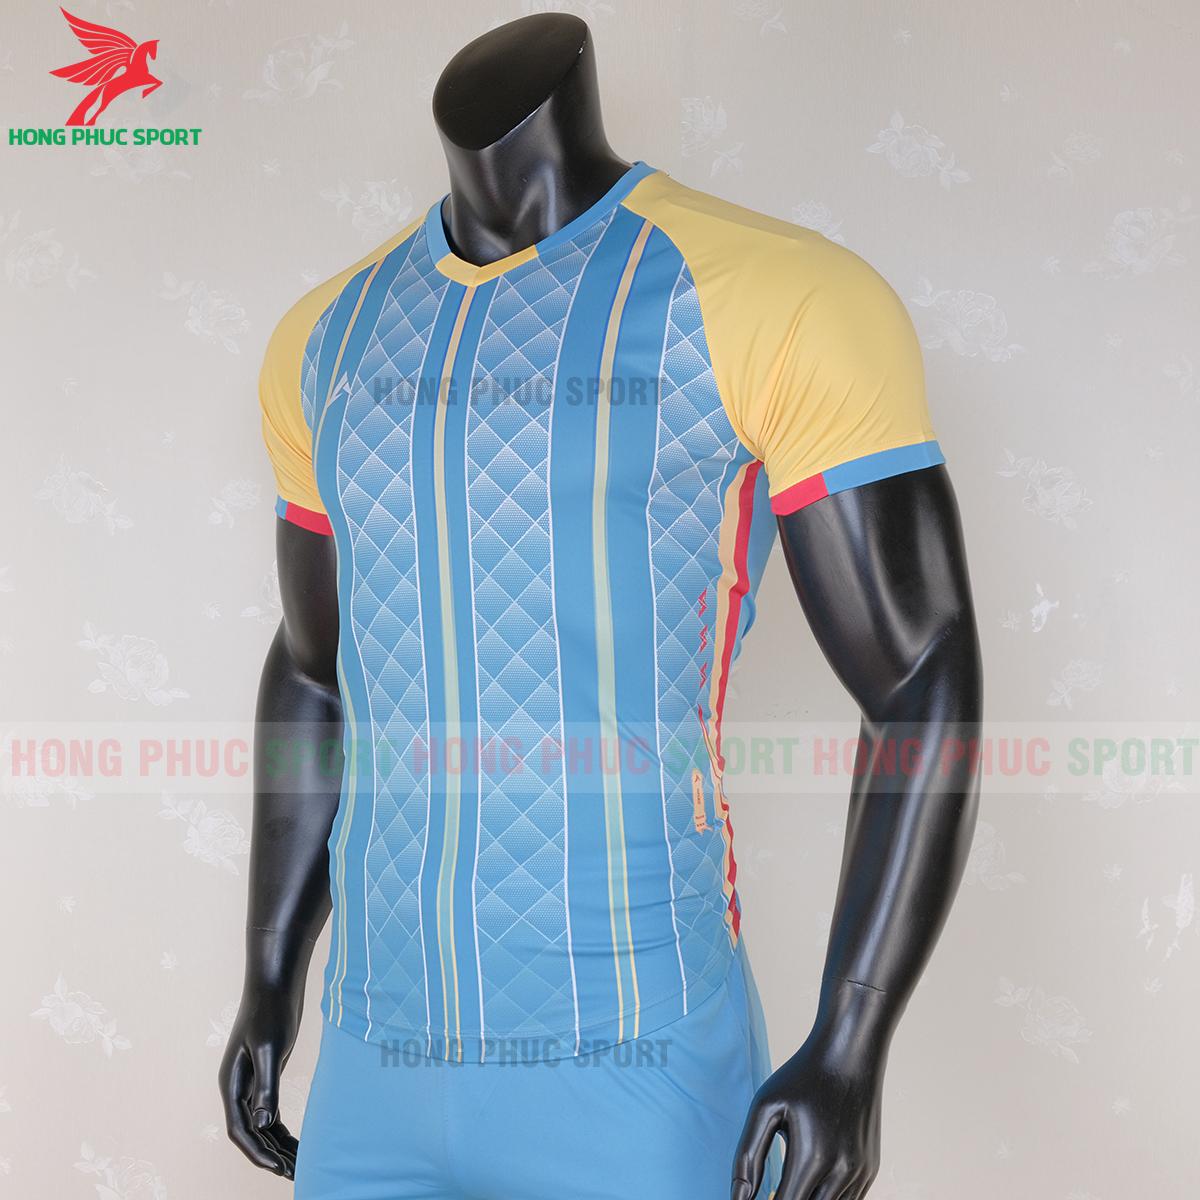 https://cdn.hongphucsport.com/unsafe/s4.shopbay.vn/files/285/ao-bong-da-khon-logo-kaiwin-zeus-mau-2-5-5f729a26736be.png